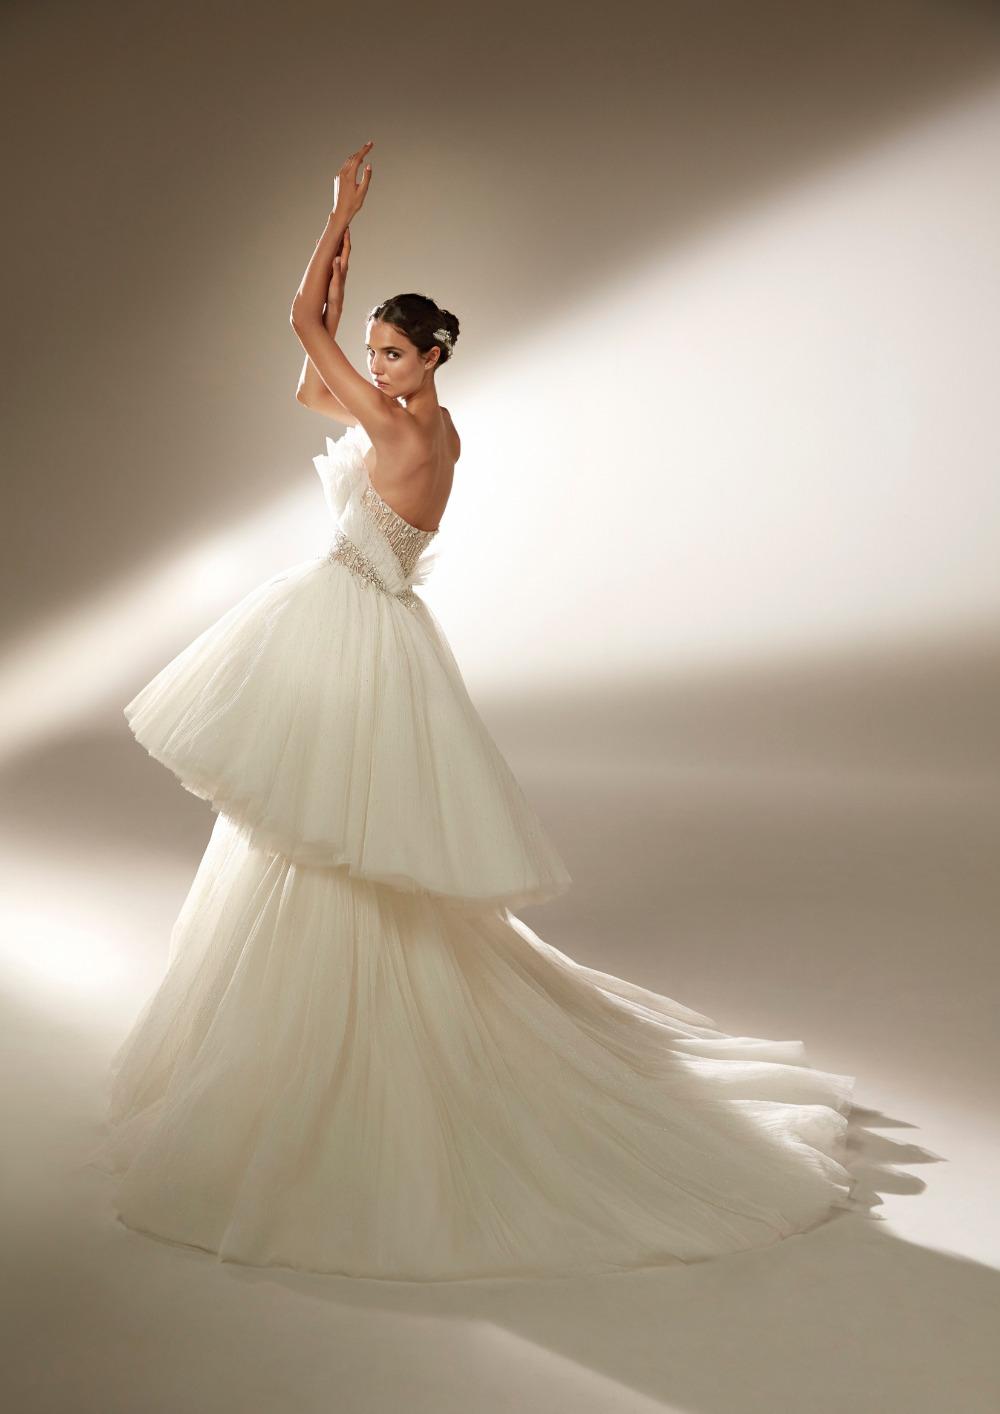 Atelier Pronovias * Svadobné šaty z kolekcie na 2021 - Obrázok č. 28